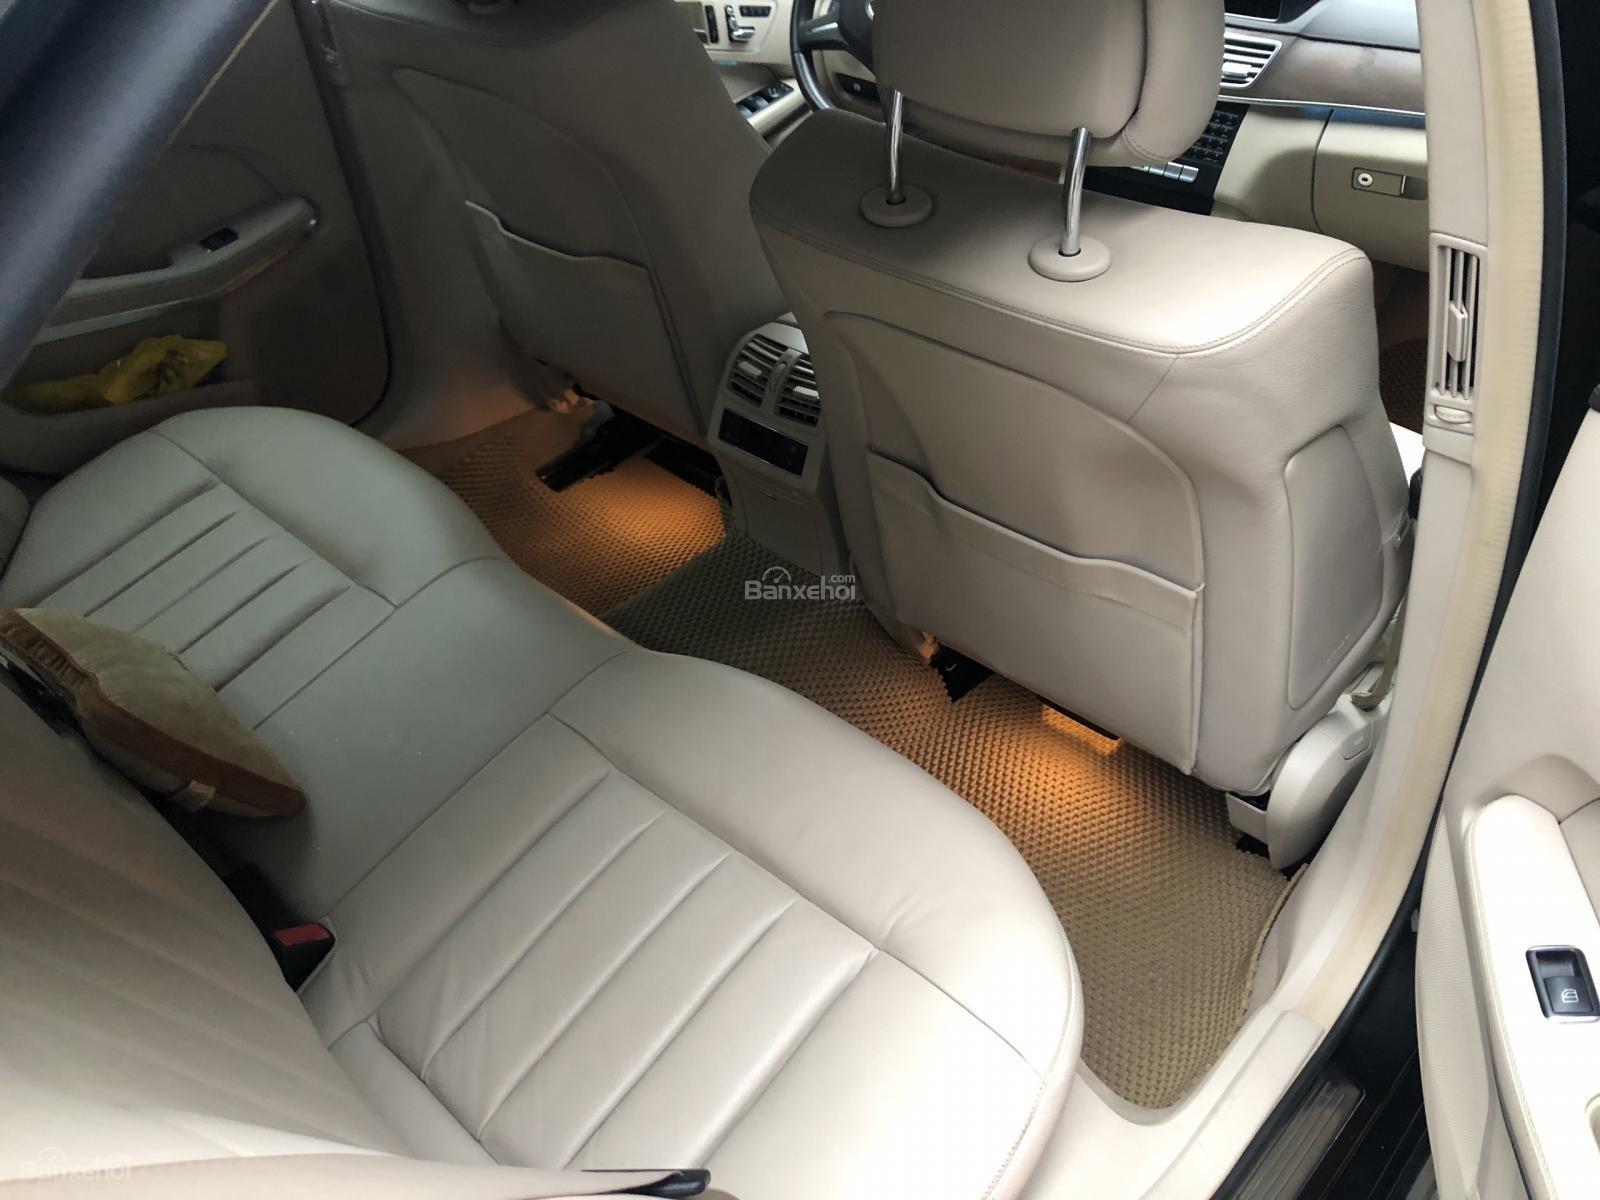 Bán Mercedes E200 sản xuất 2015, màu đen, xe đã qua sử dụng, biển Hà Nội (7)